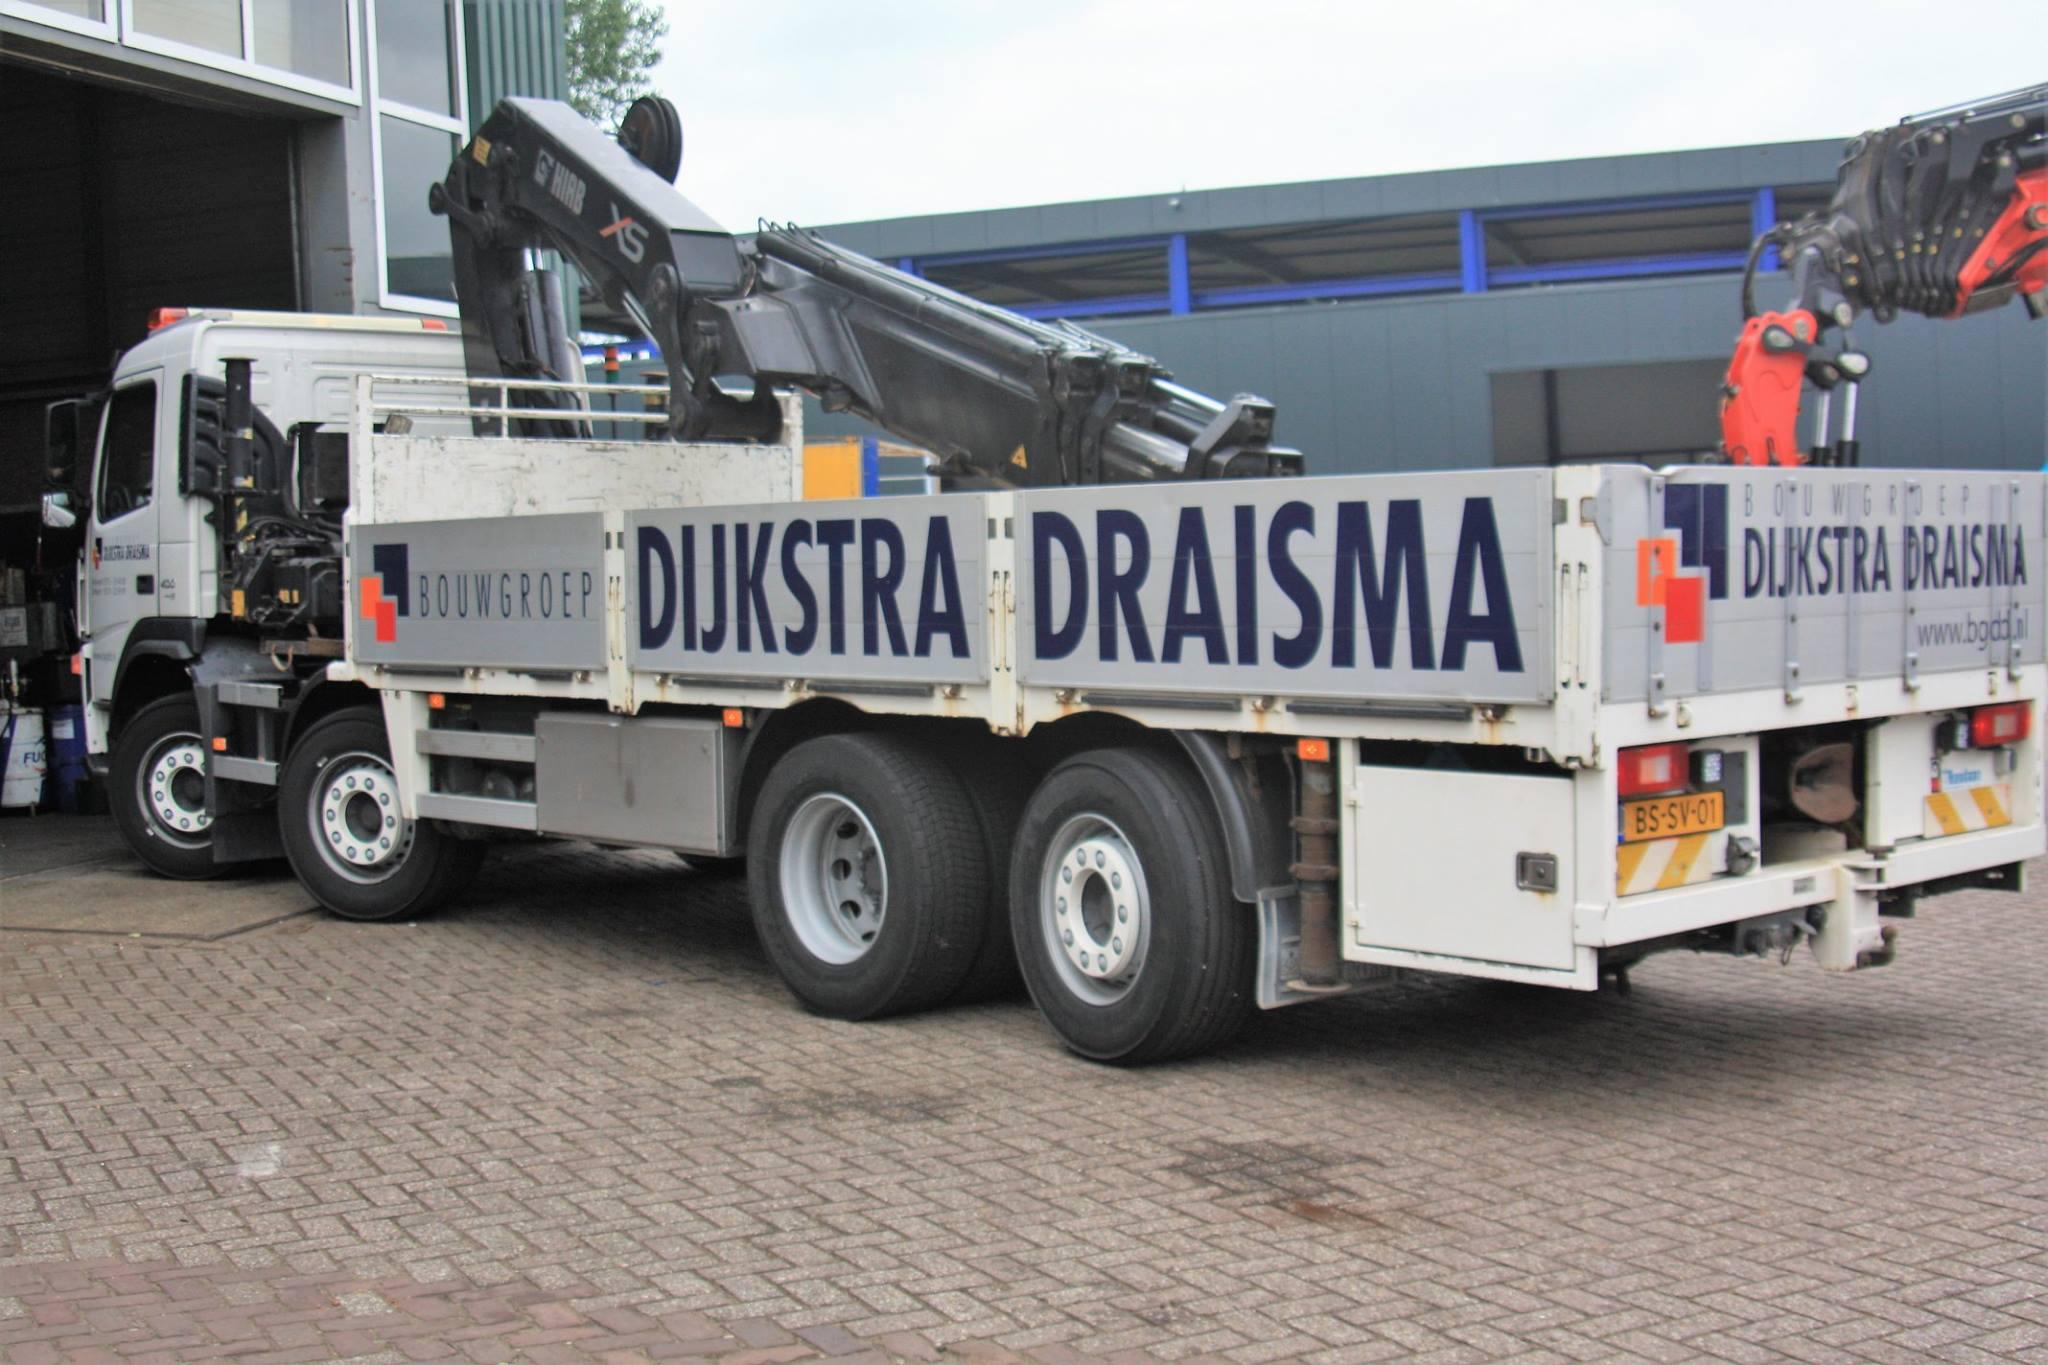 Volvo-FM-is-door-Rondaan-opgebouwd-en-voorzien-van-een-HIAB-XS-autokraan-en-er-zit-een-RAF-aanhangwagen-achter-van-2008-gebouwd-voor-Bouwgroep-DIJKSTRA-DRAISMA-uit-Dokkum-en-Bolsward-3